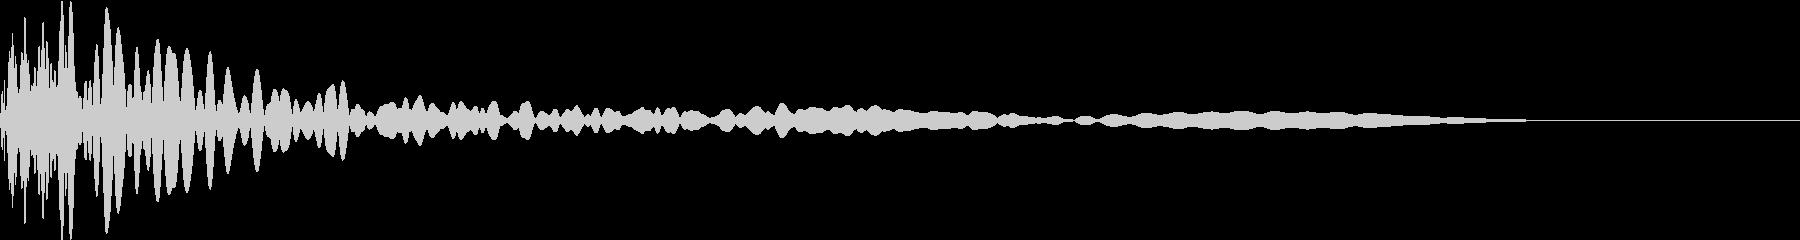 打撃音_その6の未再生の波形